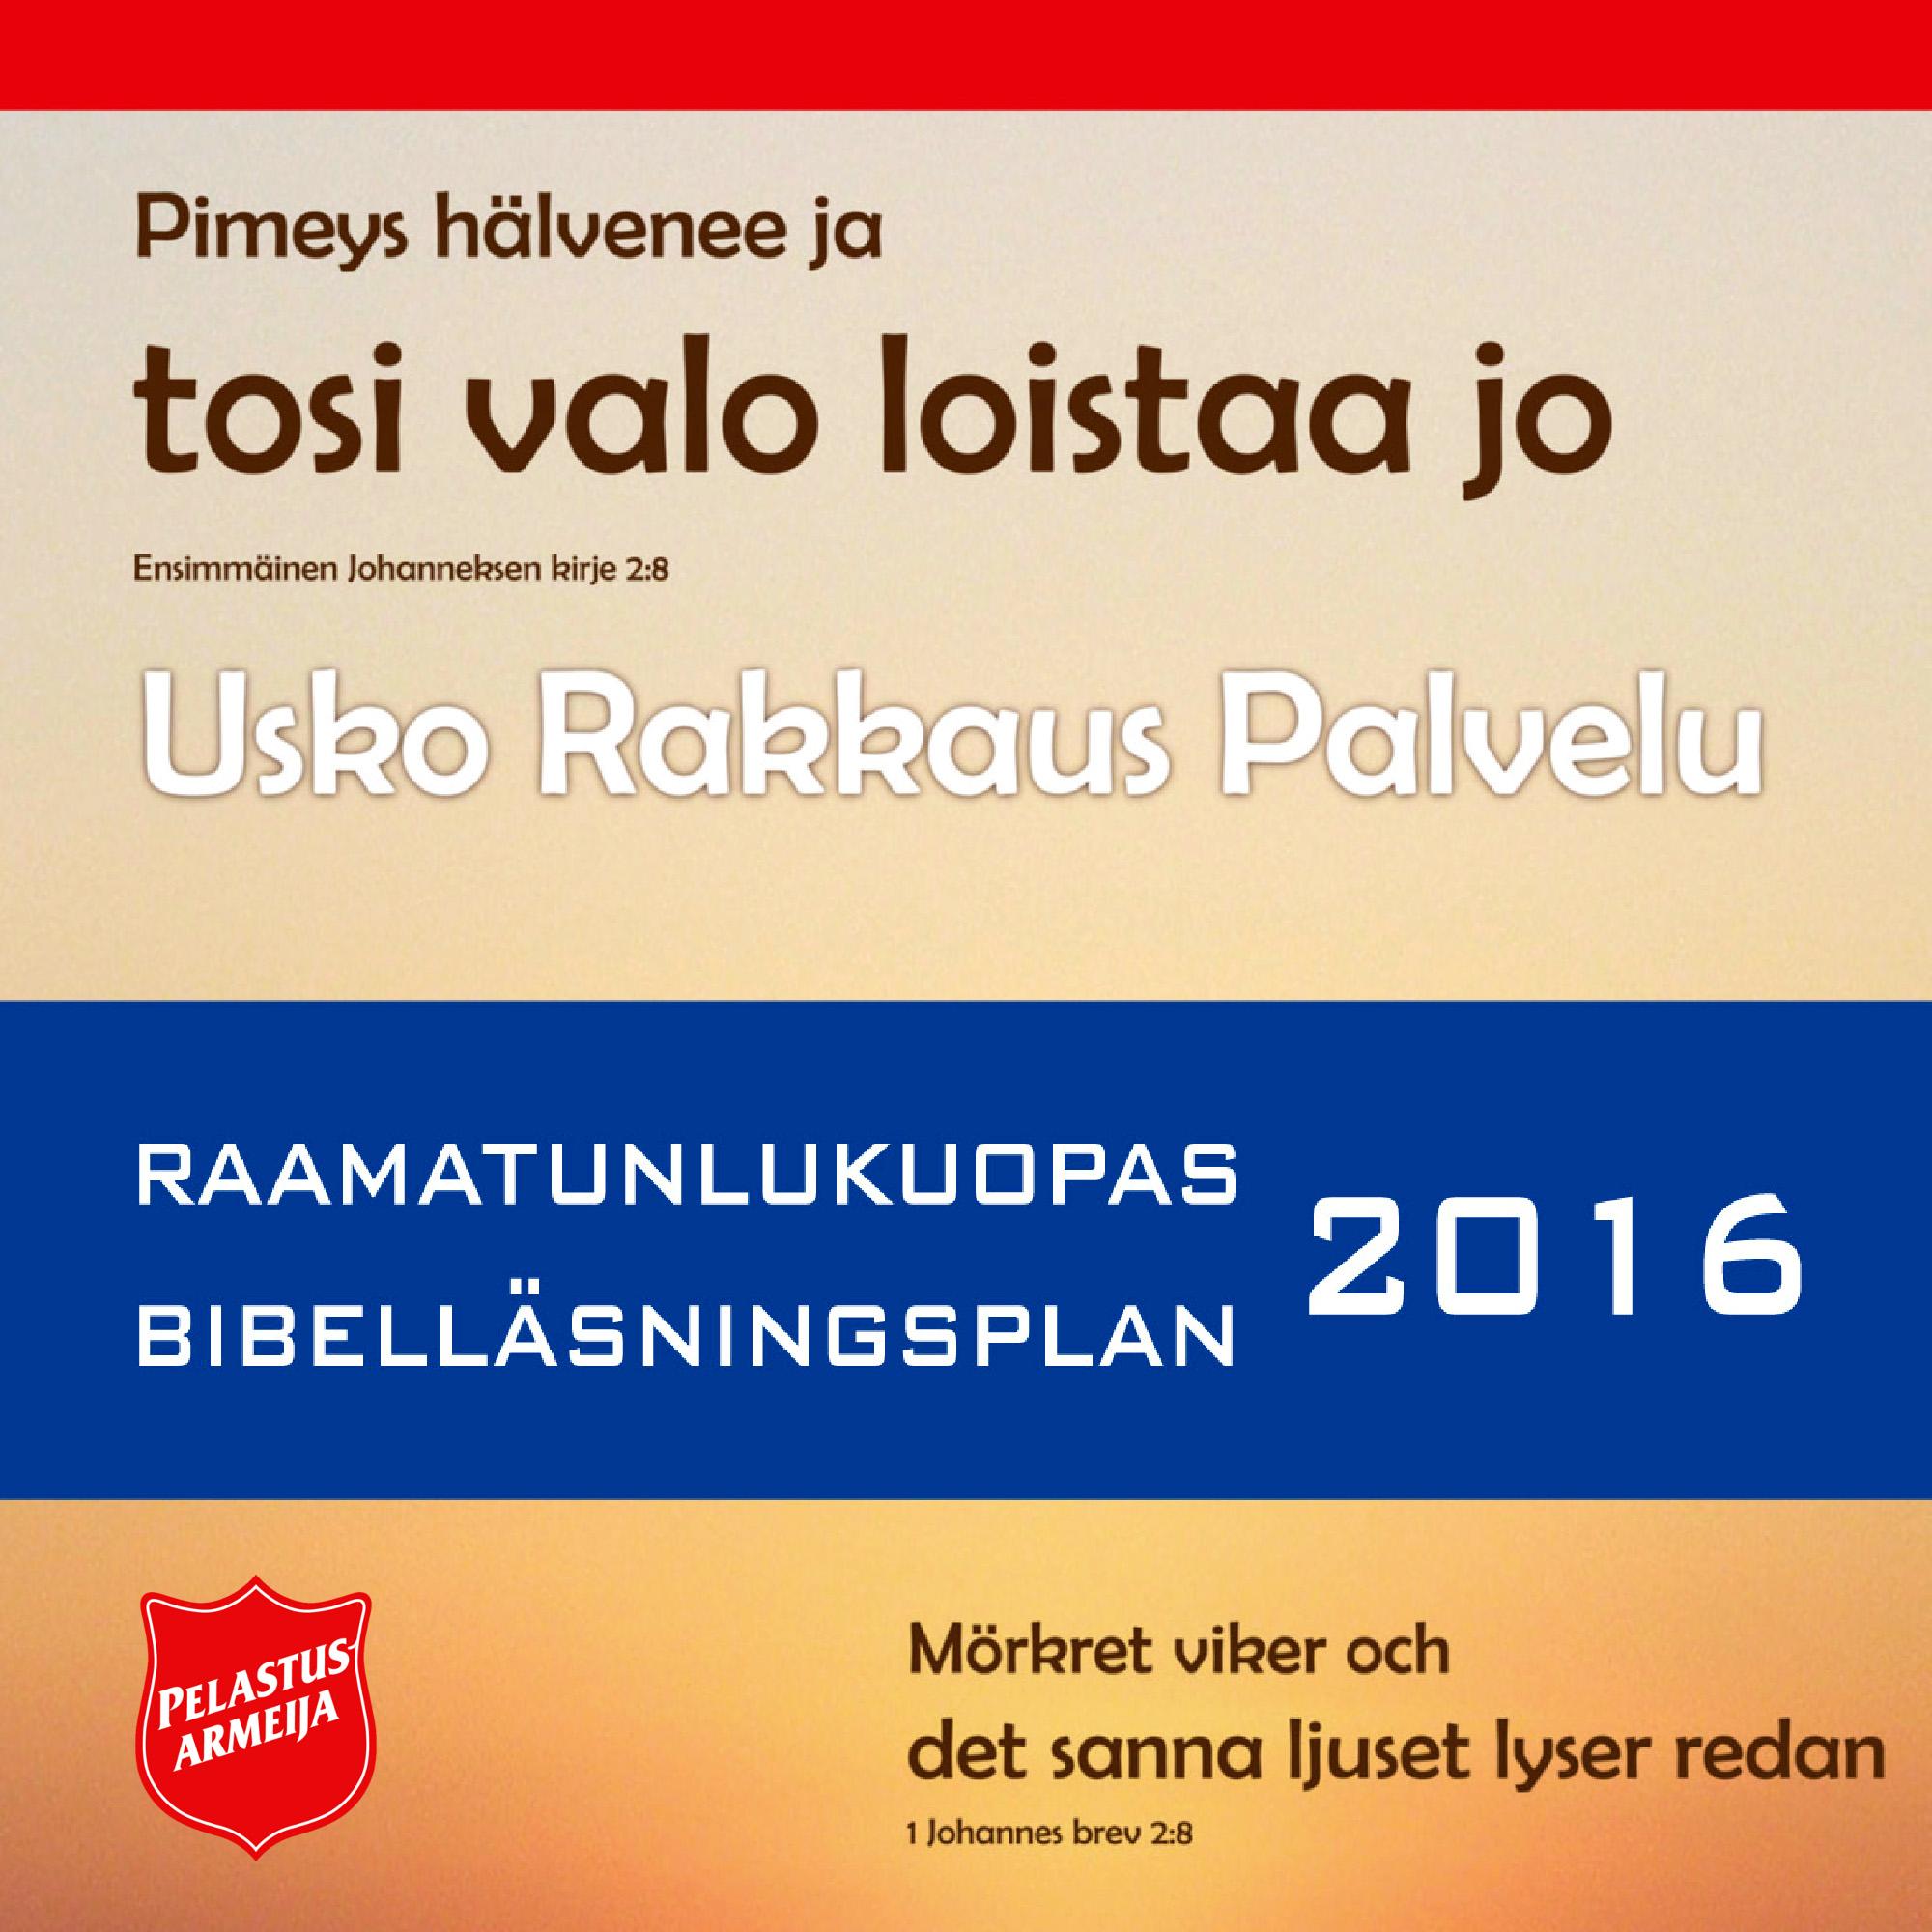 Raamatunlukuopas 2016